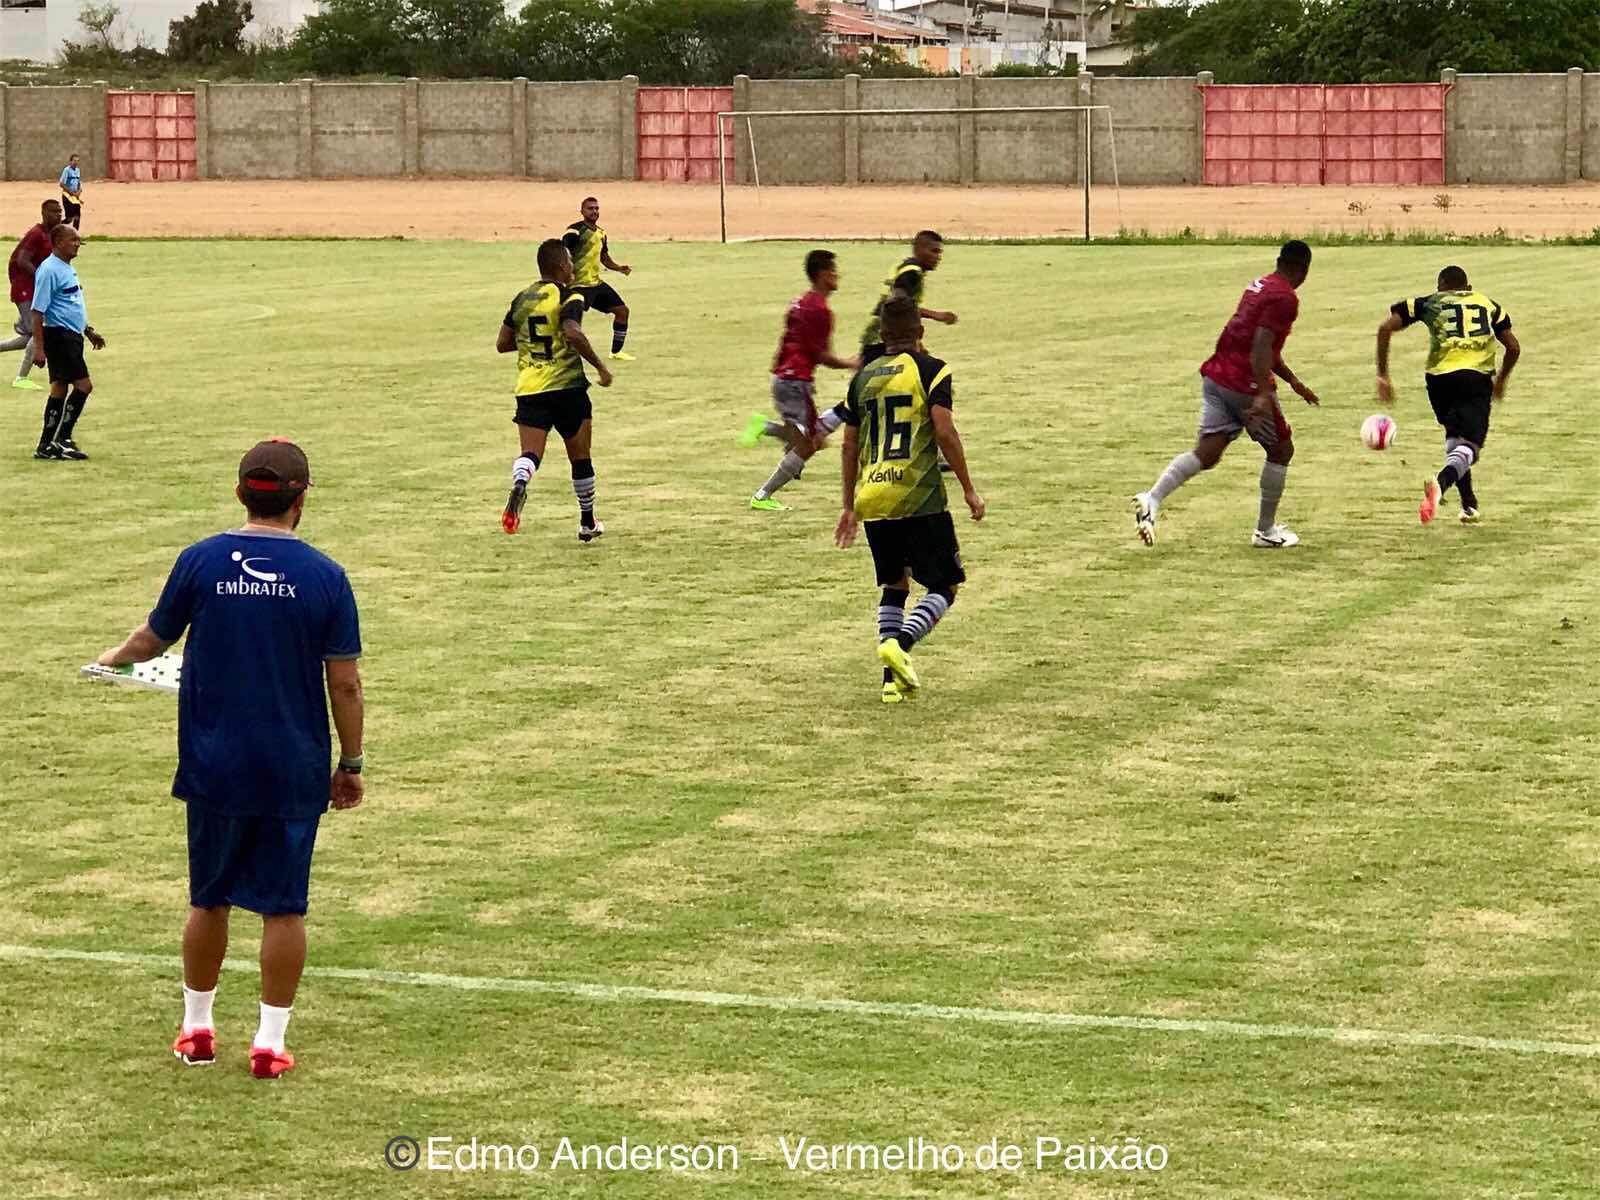 09bc73417ff98 Domingo de trabalho para o elenco do América que se prepara para a estreia  no Campeonato Potiguar. O Mecão realizou um jogo-treino contra o  Botafogo-PB e ...